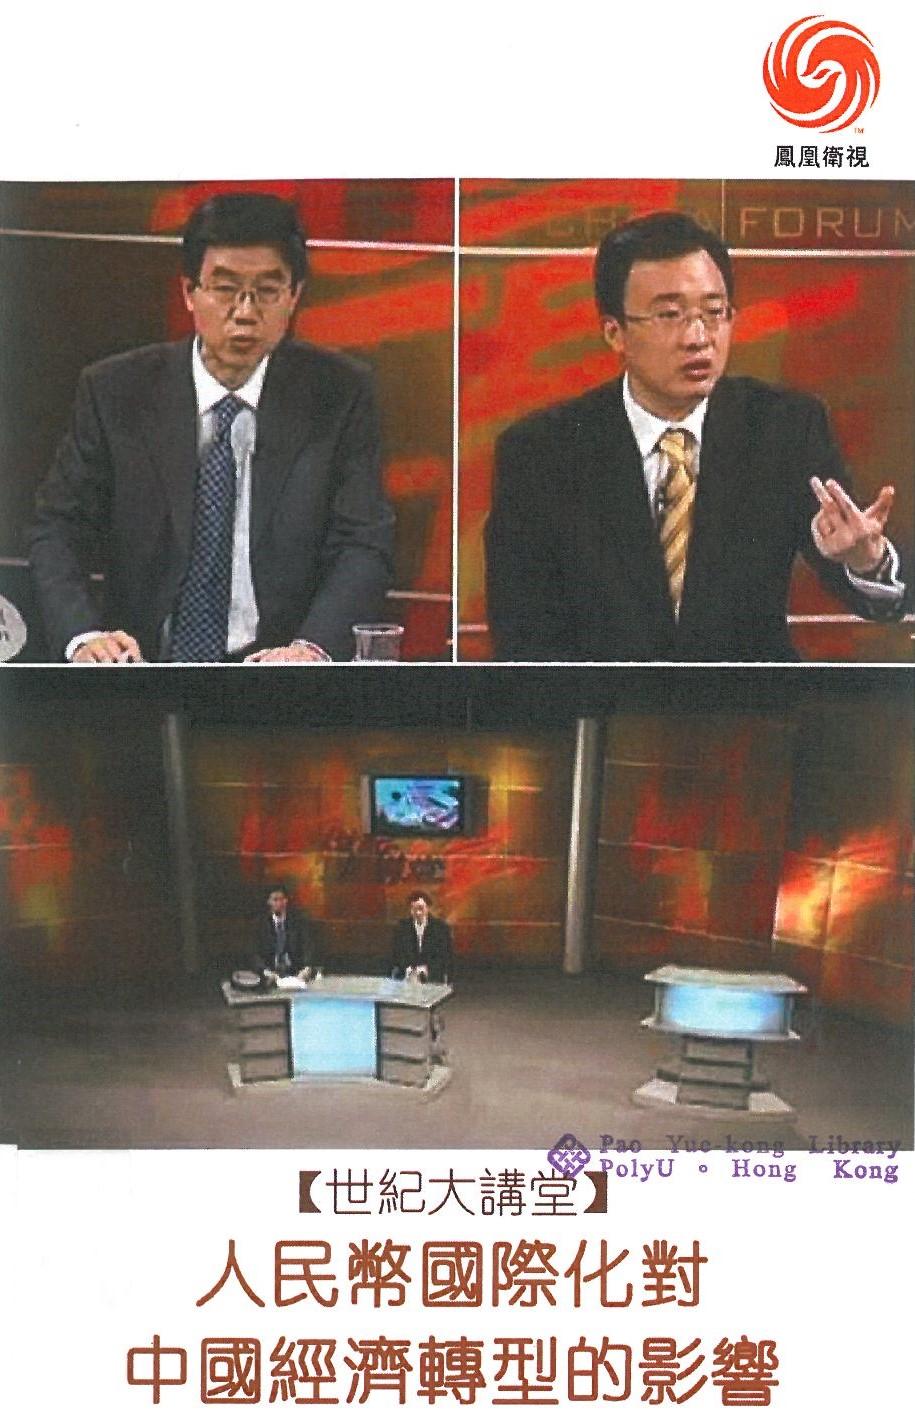 人民幣國際化對中國經濟轉型的影響